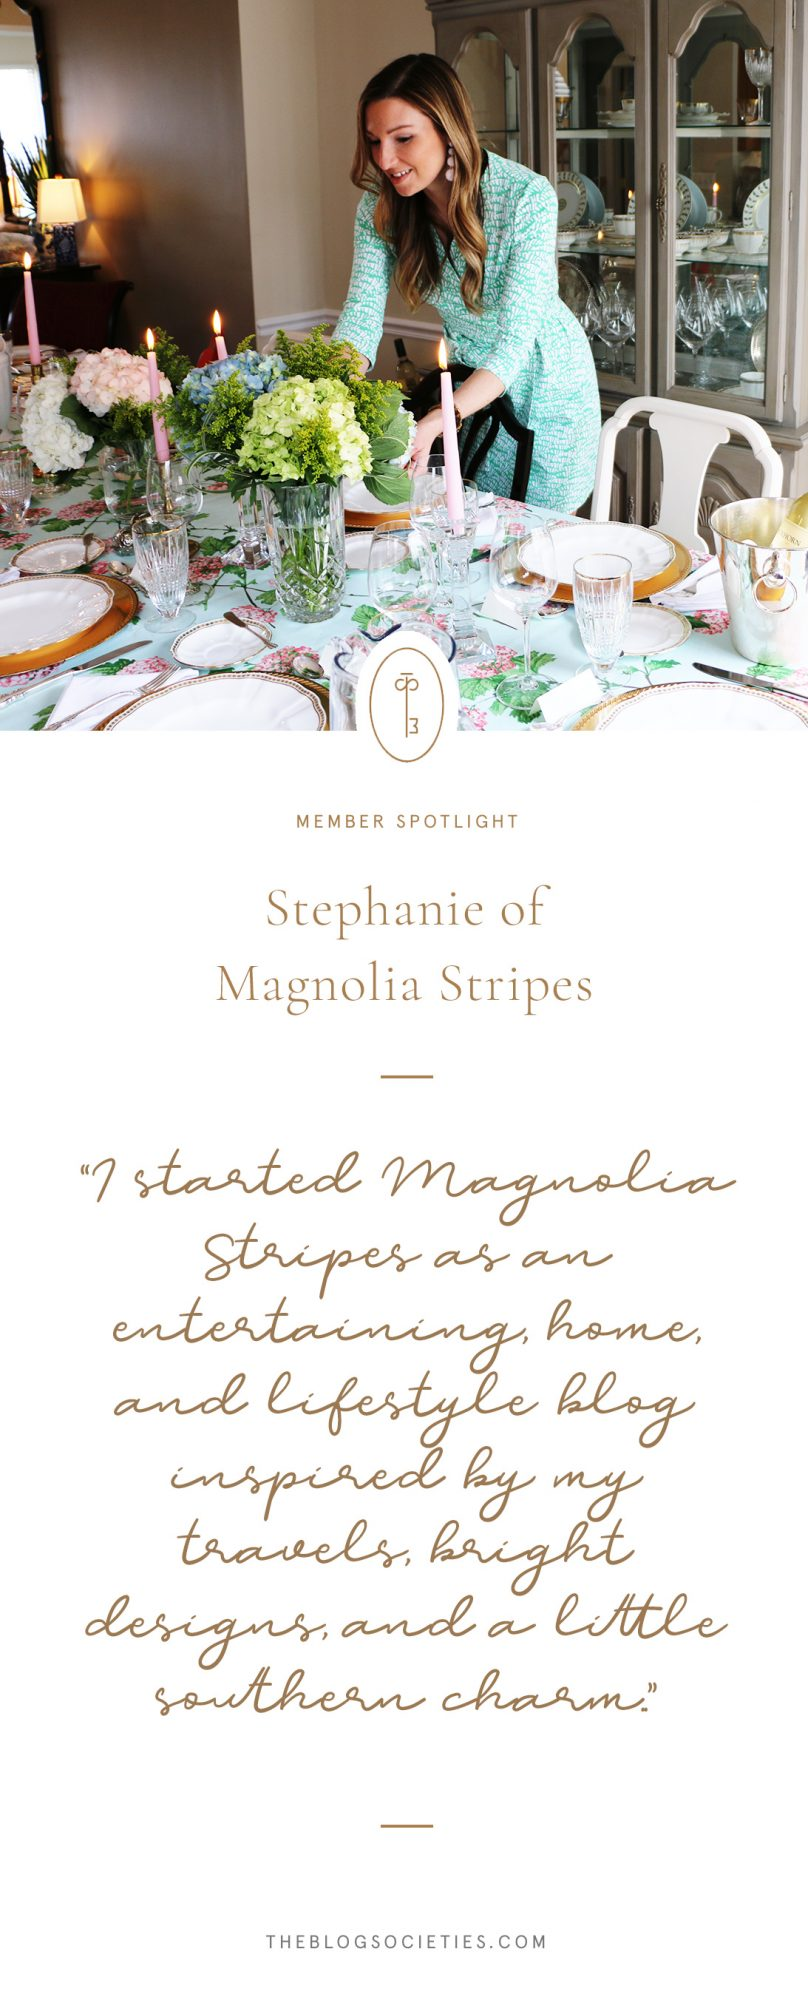 Stephanie of Magnolia Stripes